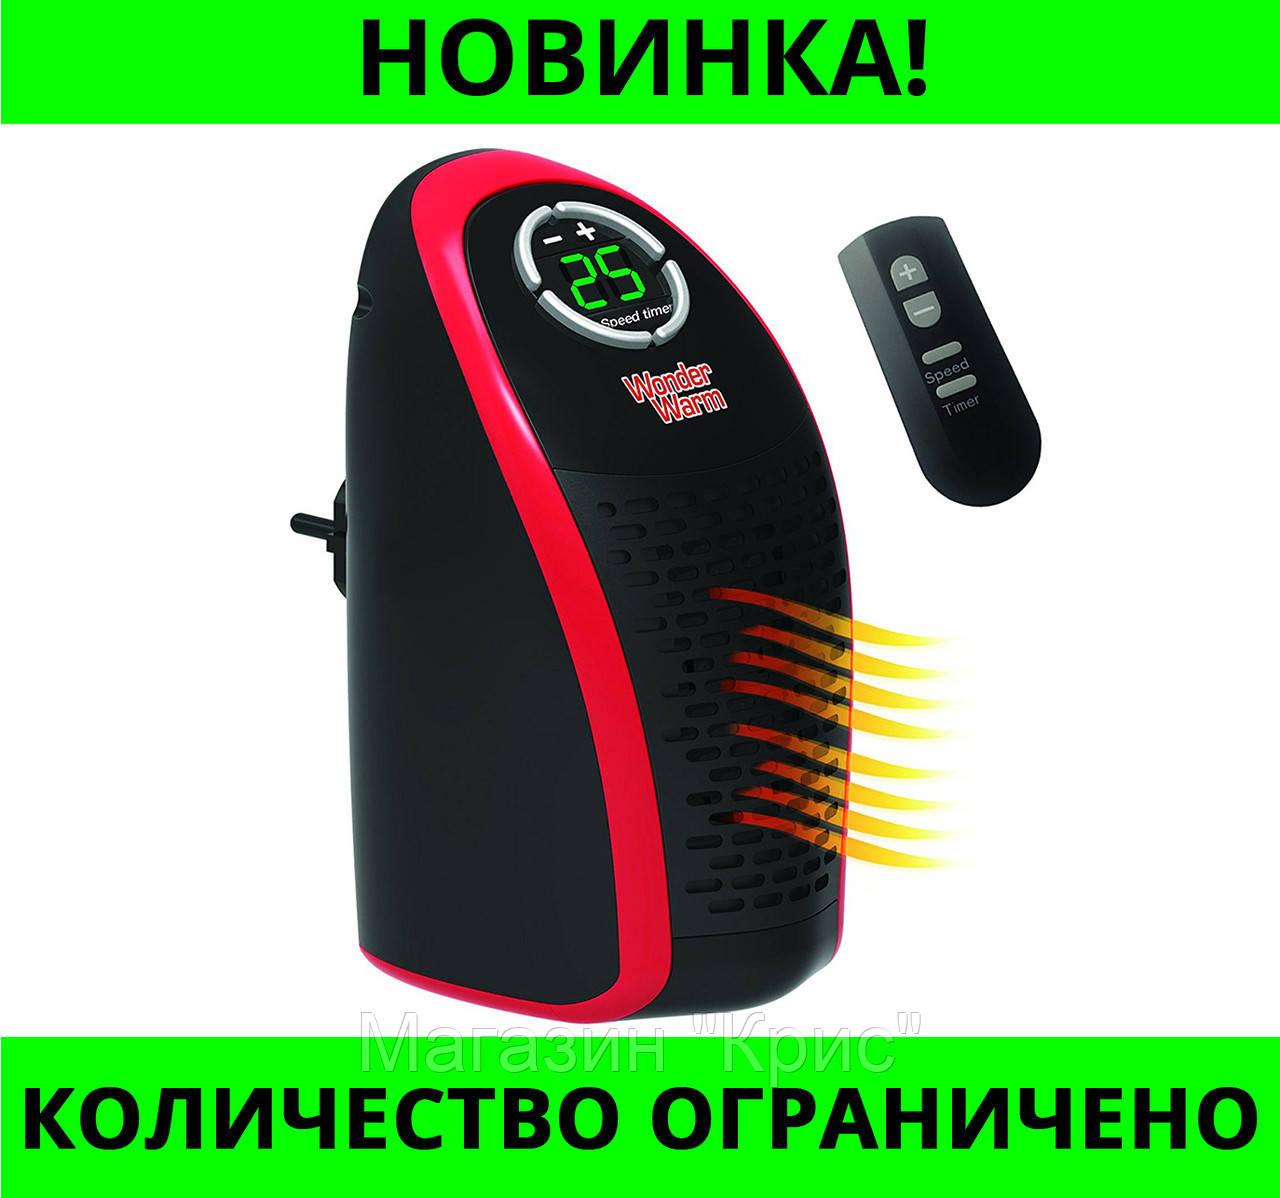 Мини радиатор обогреватель Wonder Warm!Розница и Опт